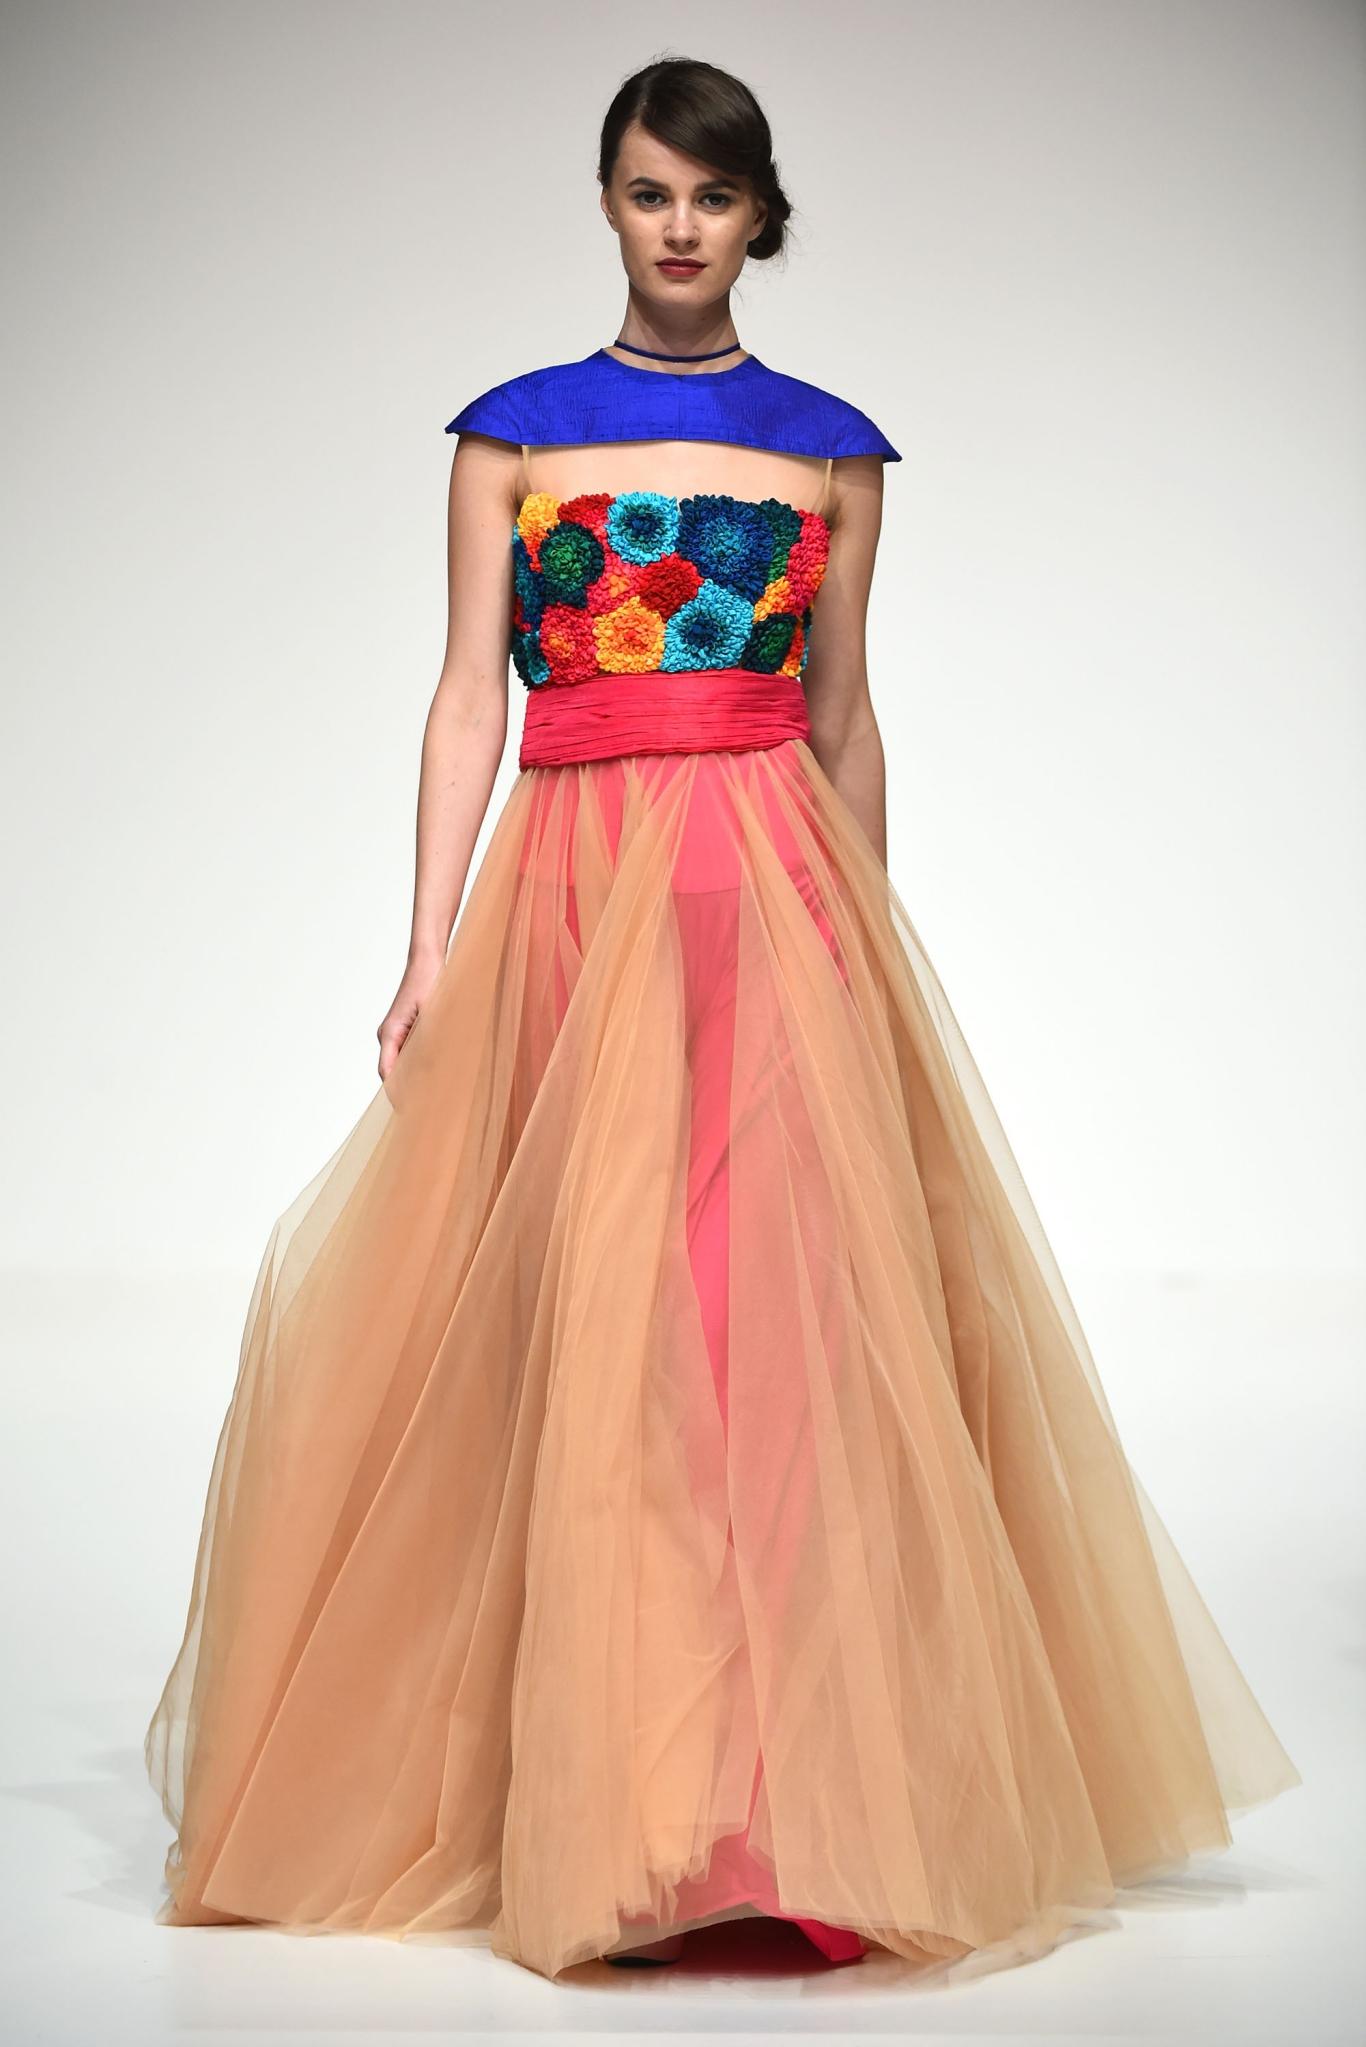 Maral at Fashion Forward Season 5. ubai, United Arab Emirates.